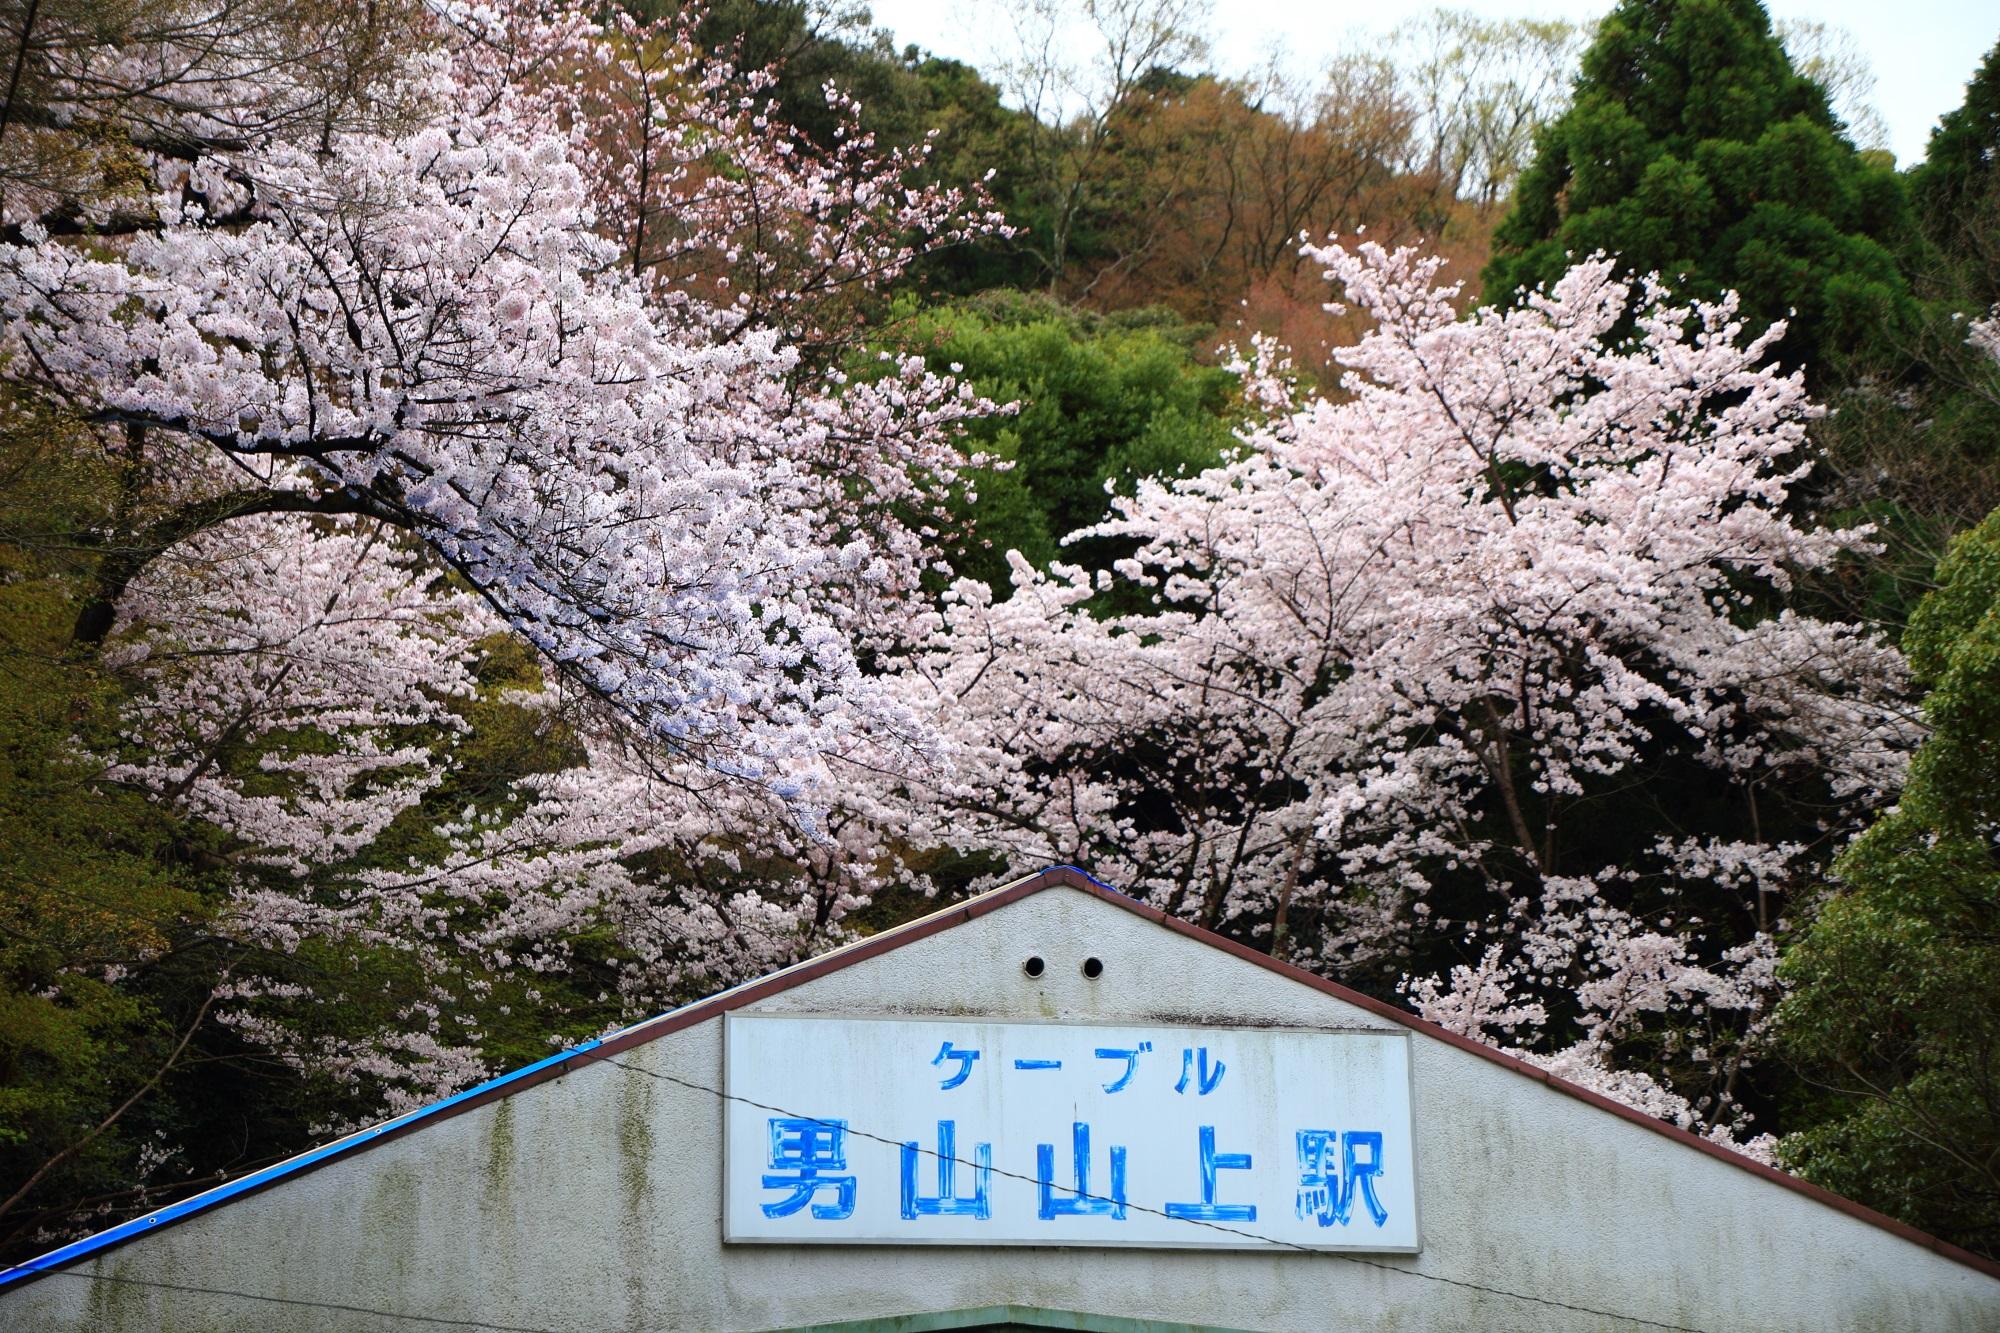 八幡の男山ケーブルの男山山上駅の満開の桜